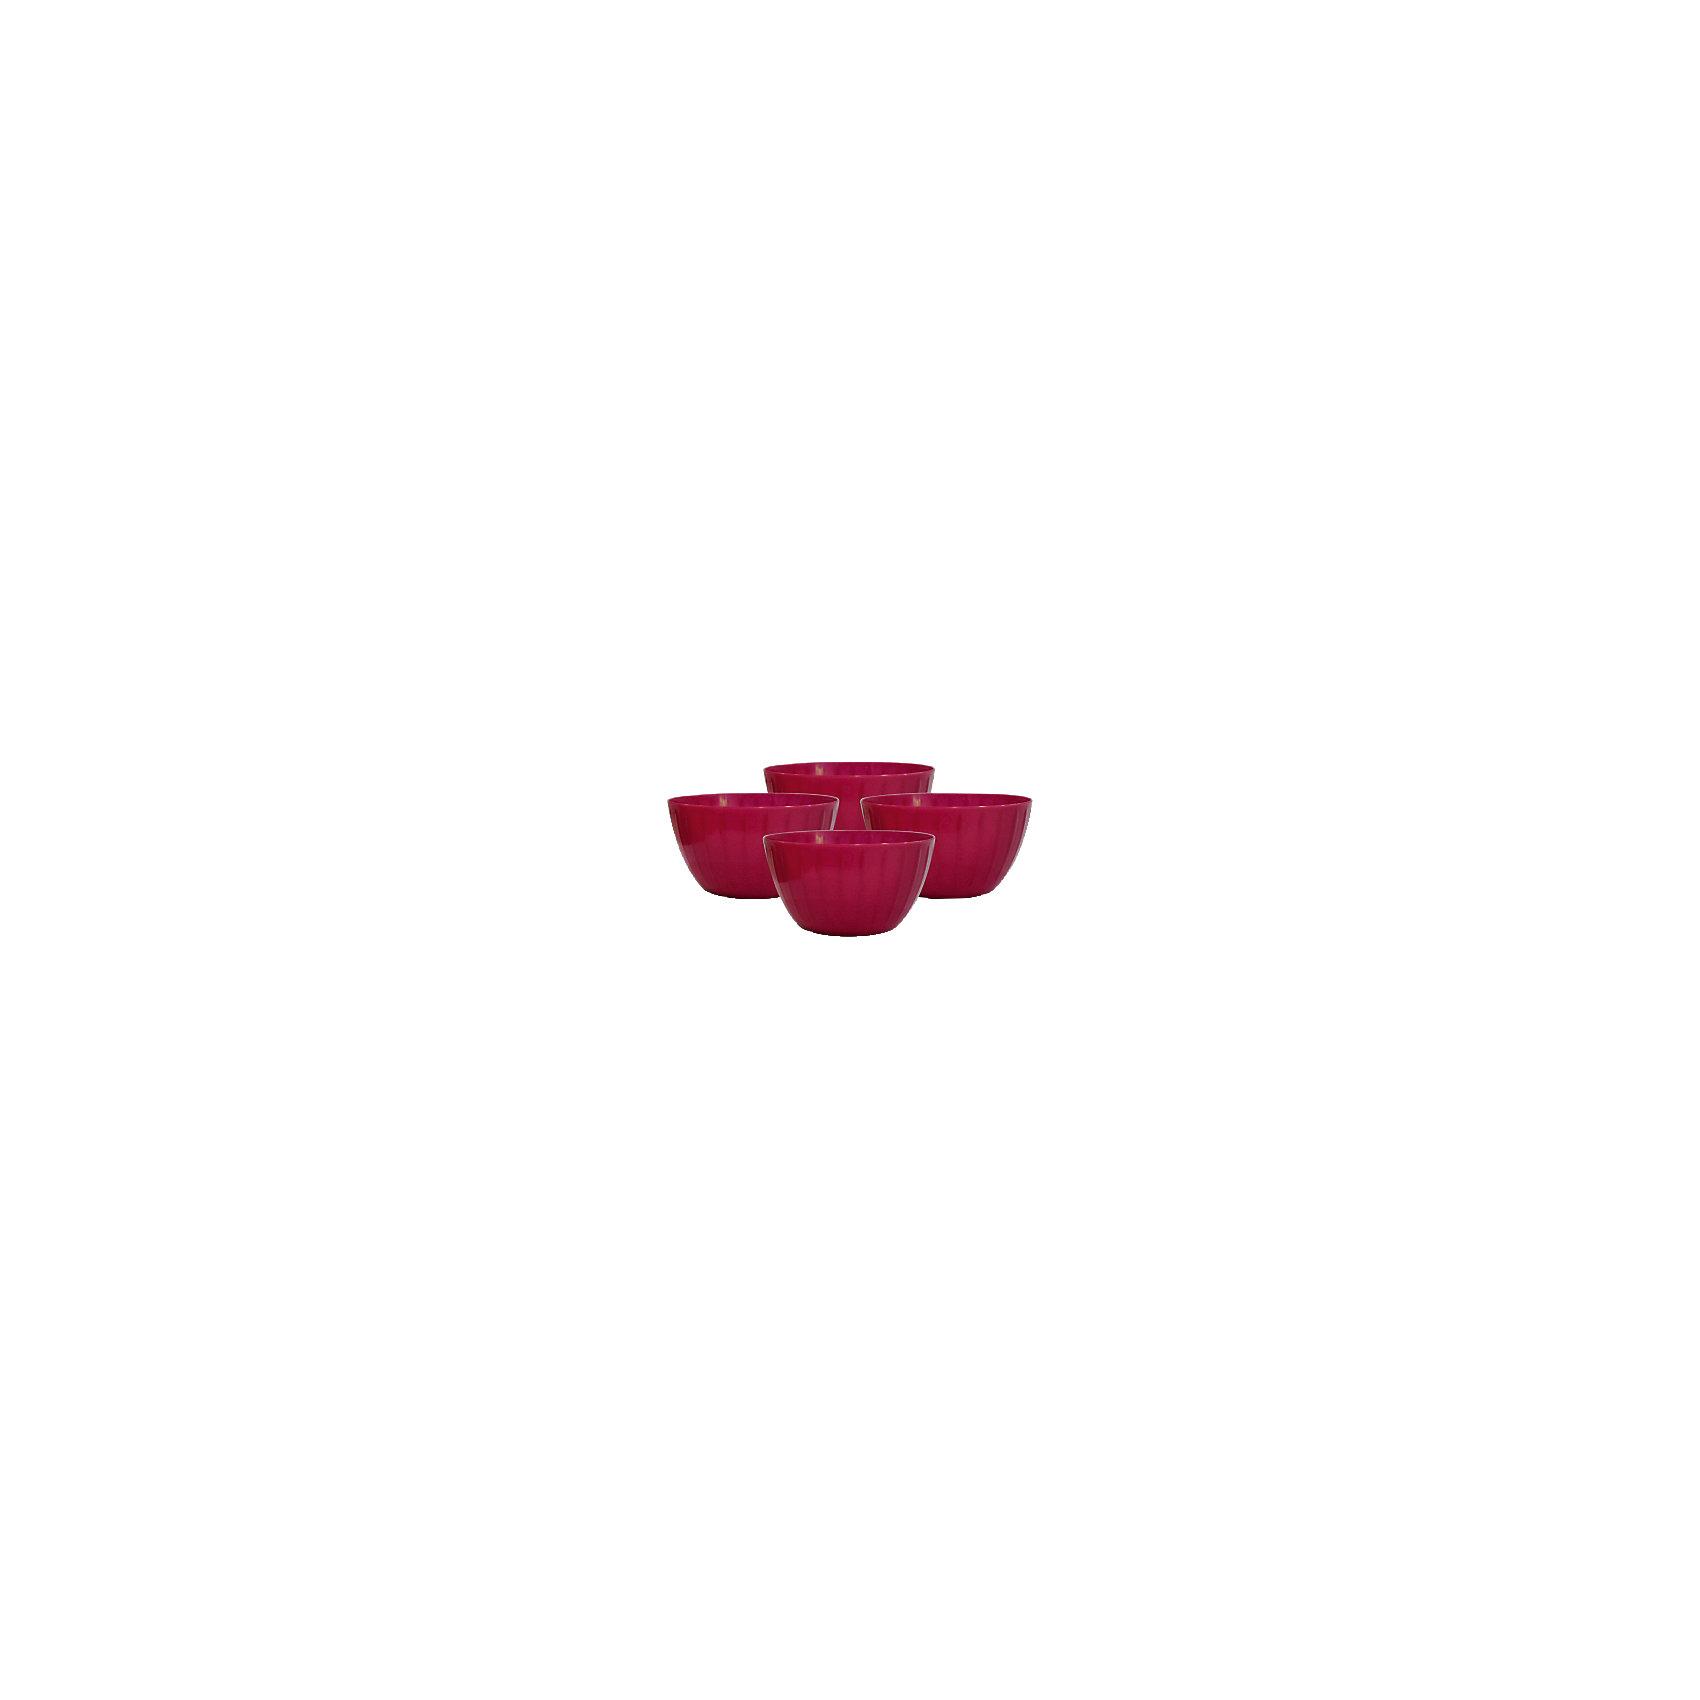 Набор салатников Fiesta 0,6 л (4 шт.), GiarettiСерия салатников Fiesta – новая итальянская новинка от Giaretti. Они выгодно подчеркнут преимущества ваших блюд. Салатники объемом 0,6 л удобно помещаются друг в друга, что позволяет практично использовать пространство для хранения. Идеально подходят для подачи салатов порционно, индивидуально каждому гостю!  Советуем комбинировать с салатниками Fiesta объемом 1,7 литра, 2,8 литра, а также 5 литров.<br><br>Ширина мм: 124<br>Глубина мм: 124<br>Высота мм: 120<br>Вес г: 178<br>Возраст от месяцев: 216<br>Возраст до месяцев: 1188<br>Пол: Унисекс<br>Возраст: Детский<br>SKU: 5545613